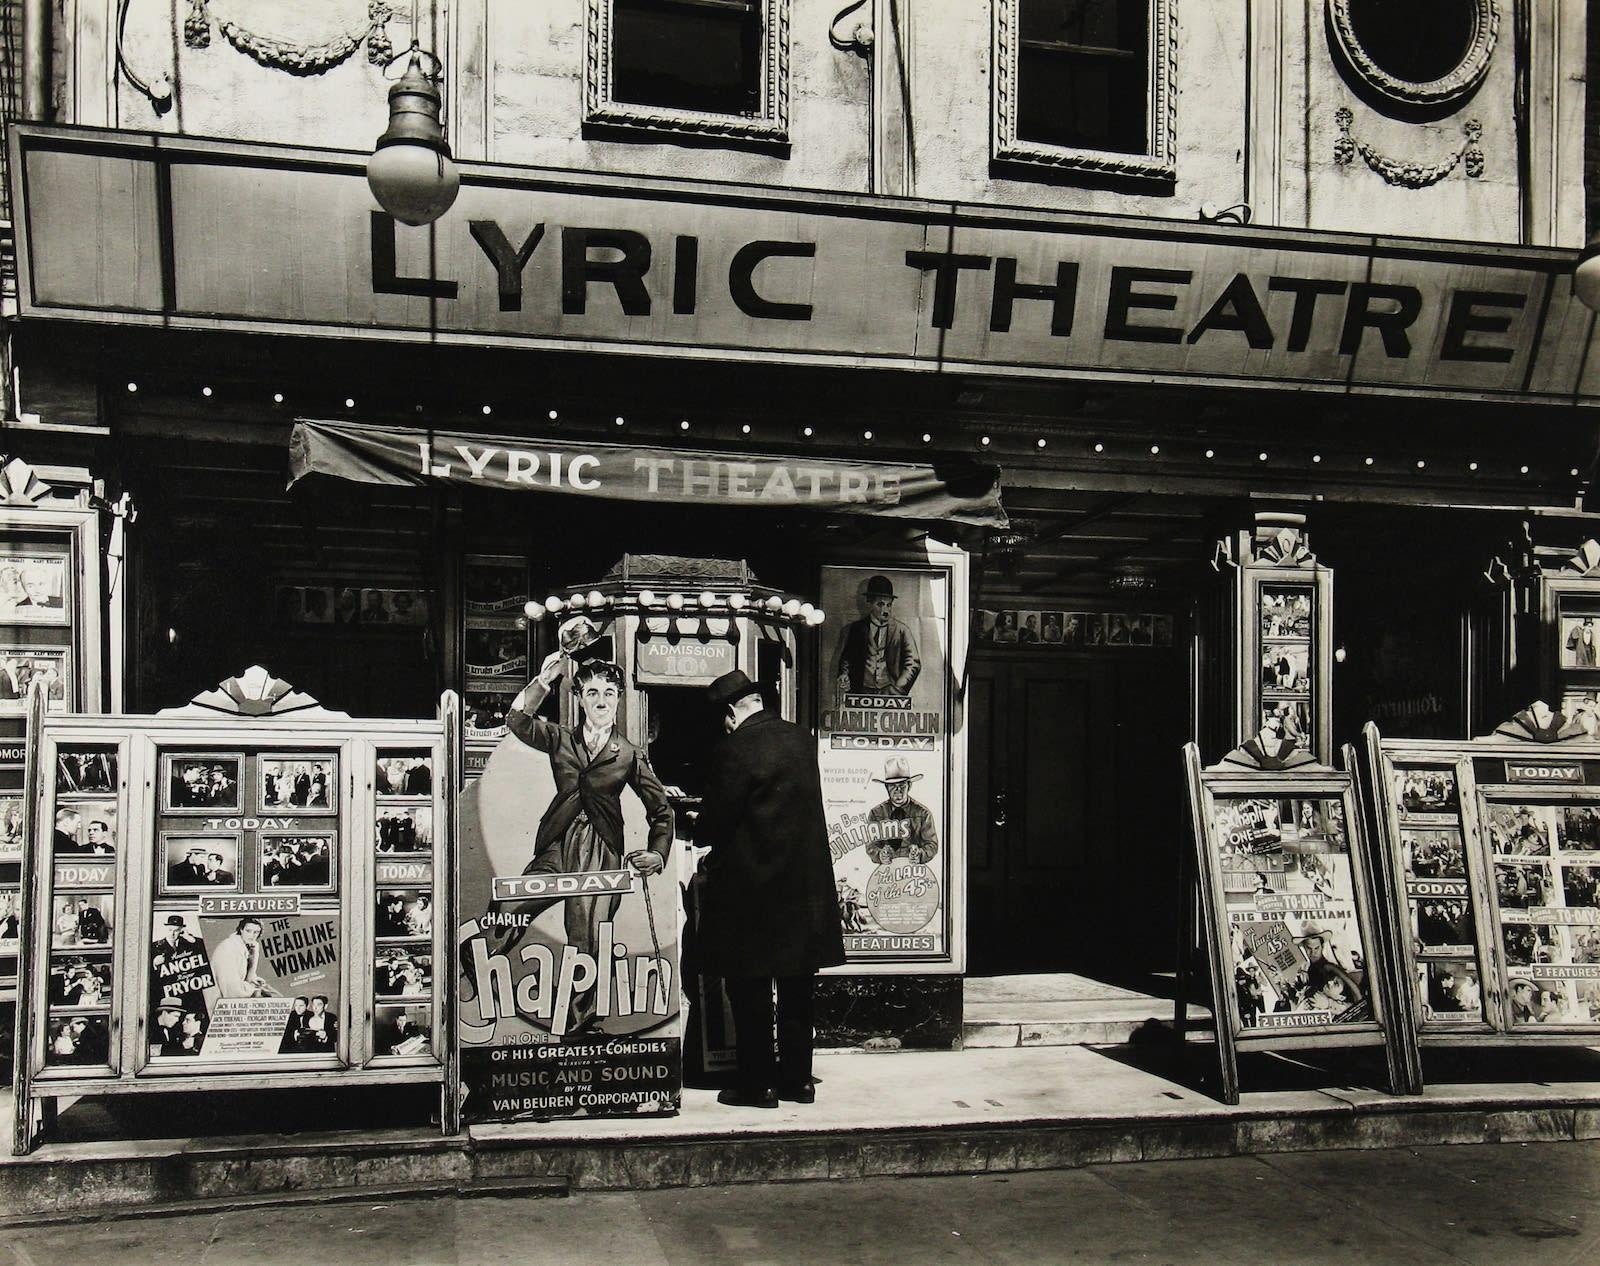 Berenice Abbott, Lyric Theater, 100 Third Avenue, 1936